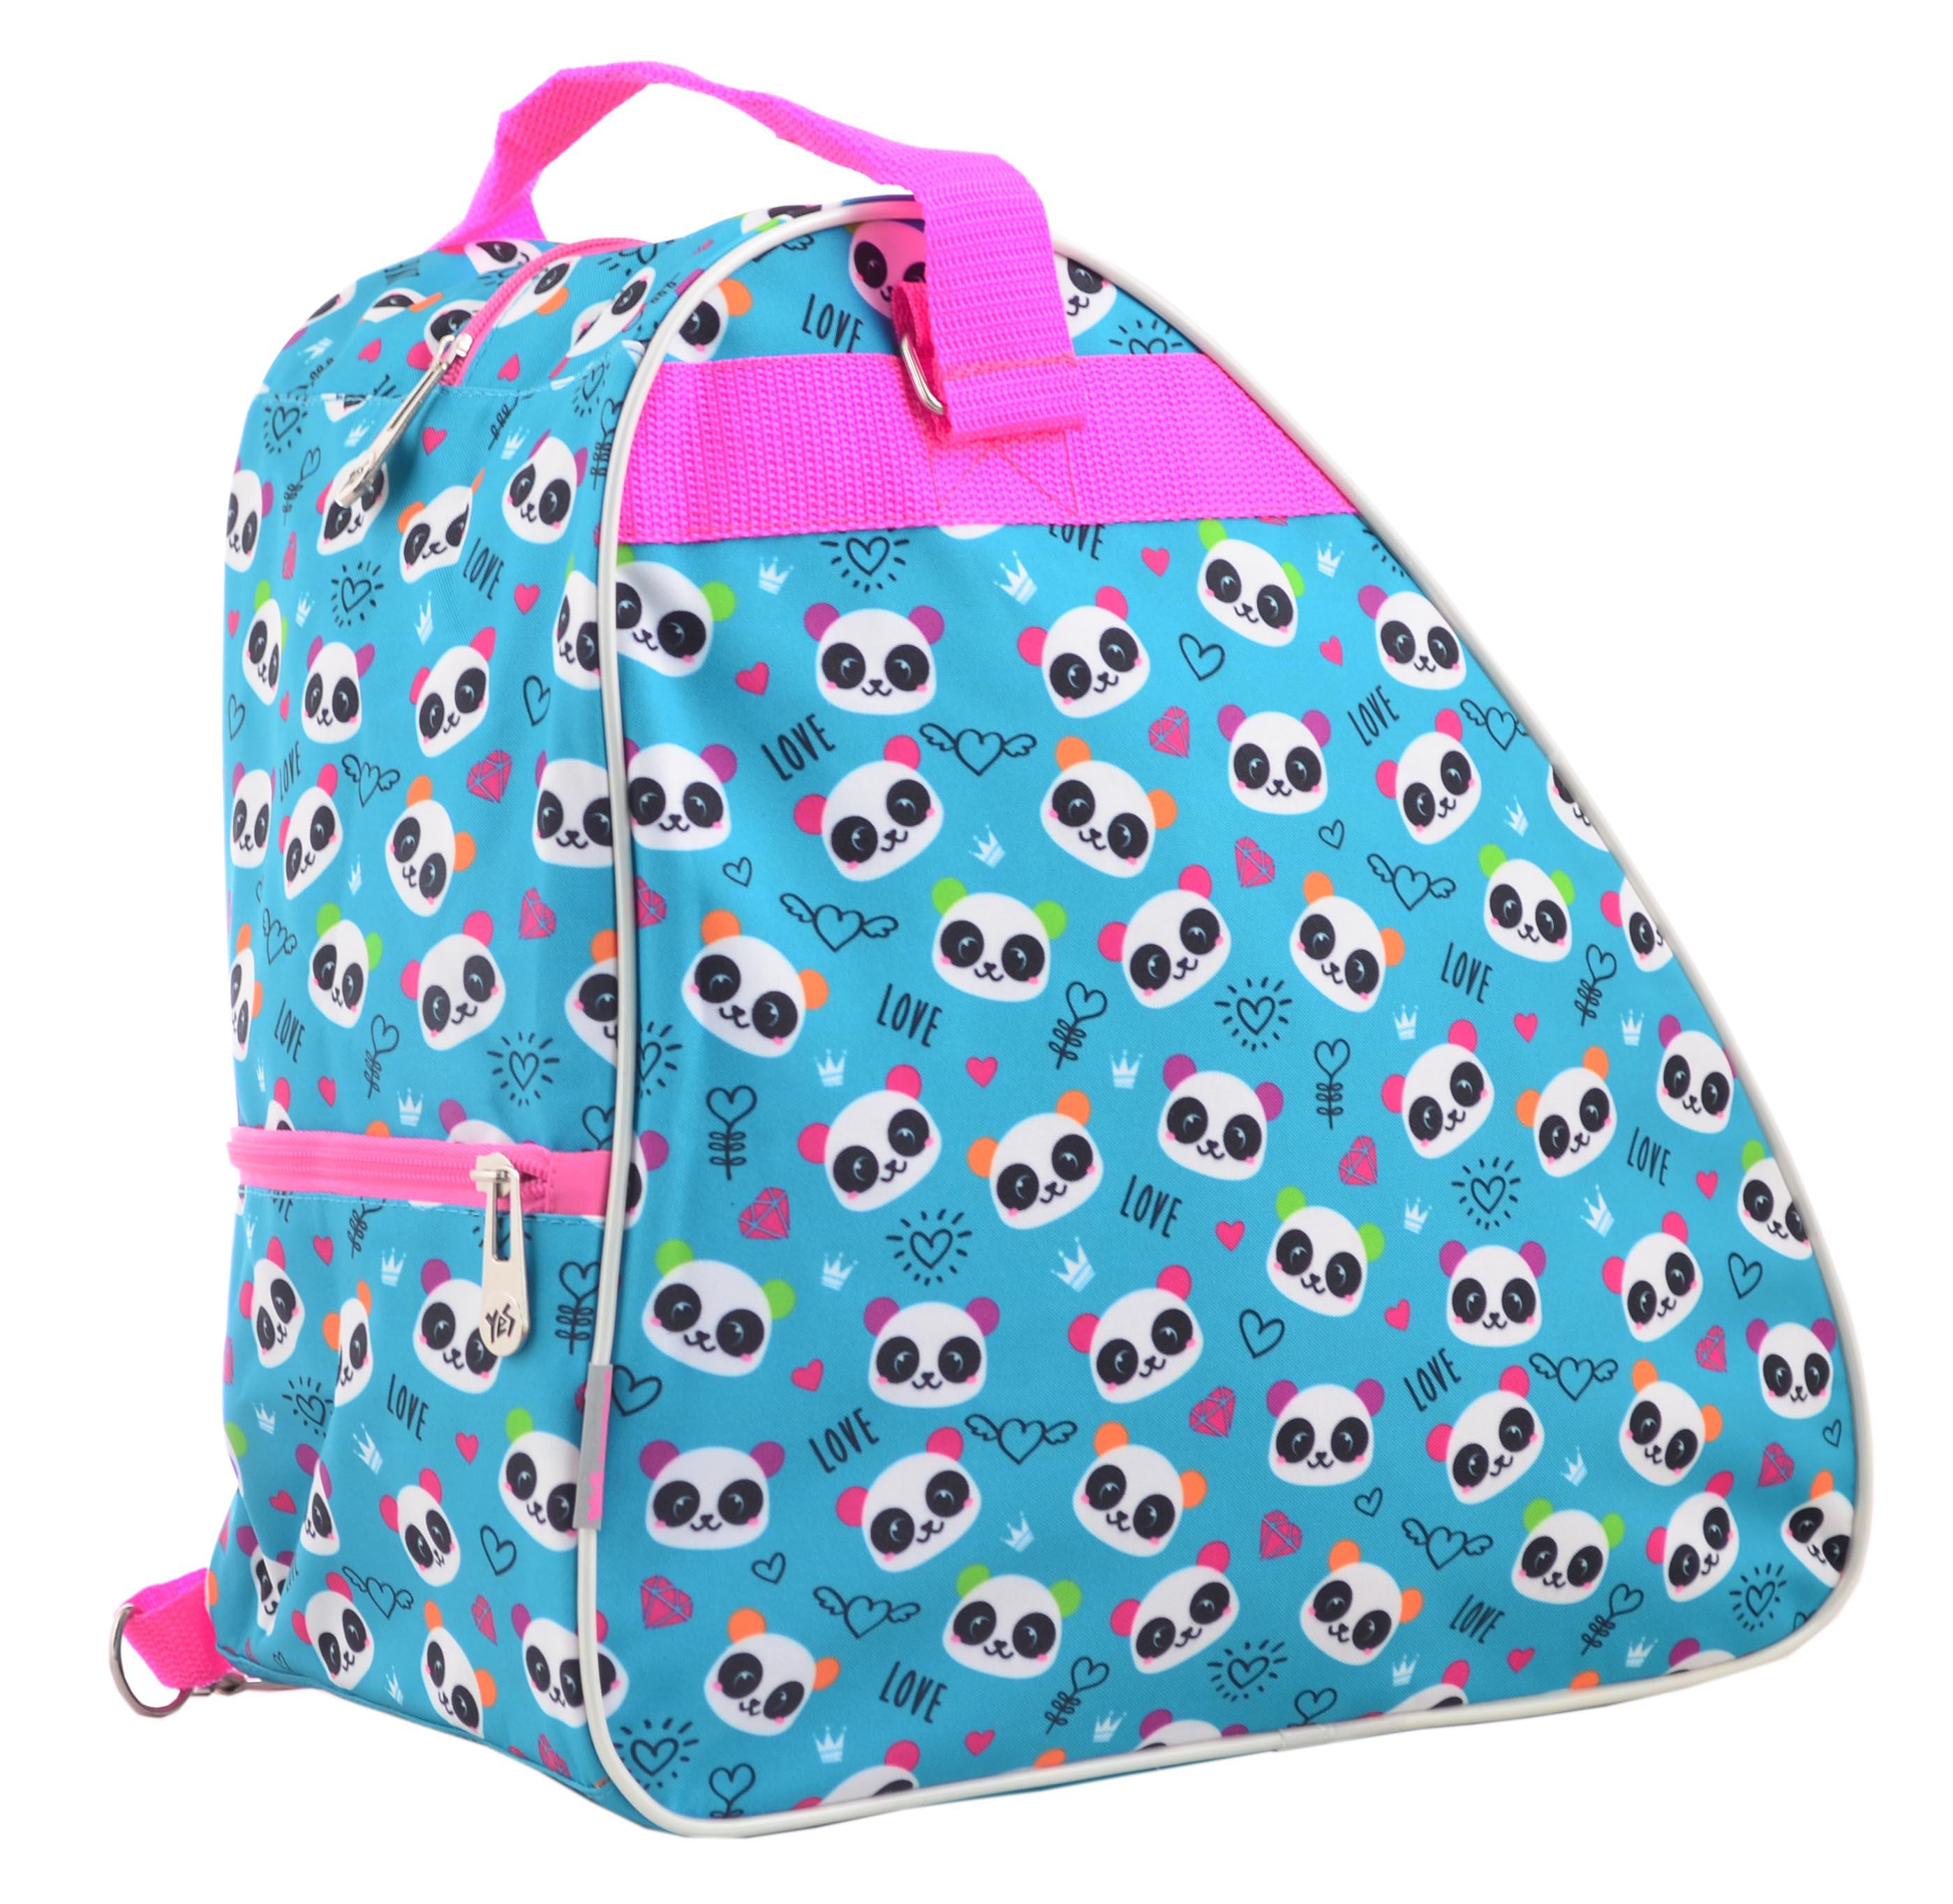 Рюкзак-сумка Lovely pandas, 35*20*34